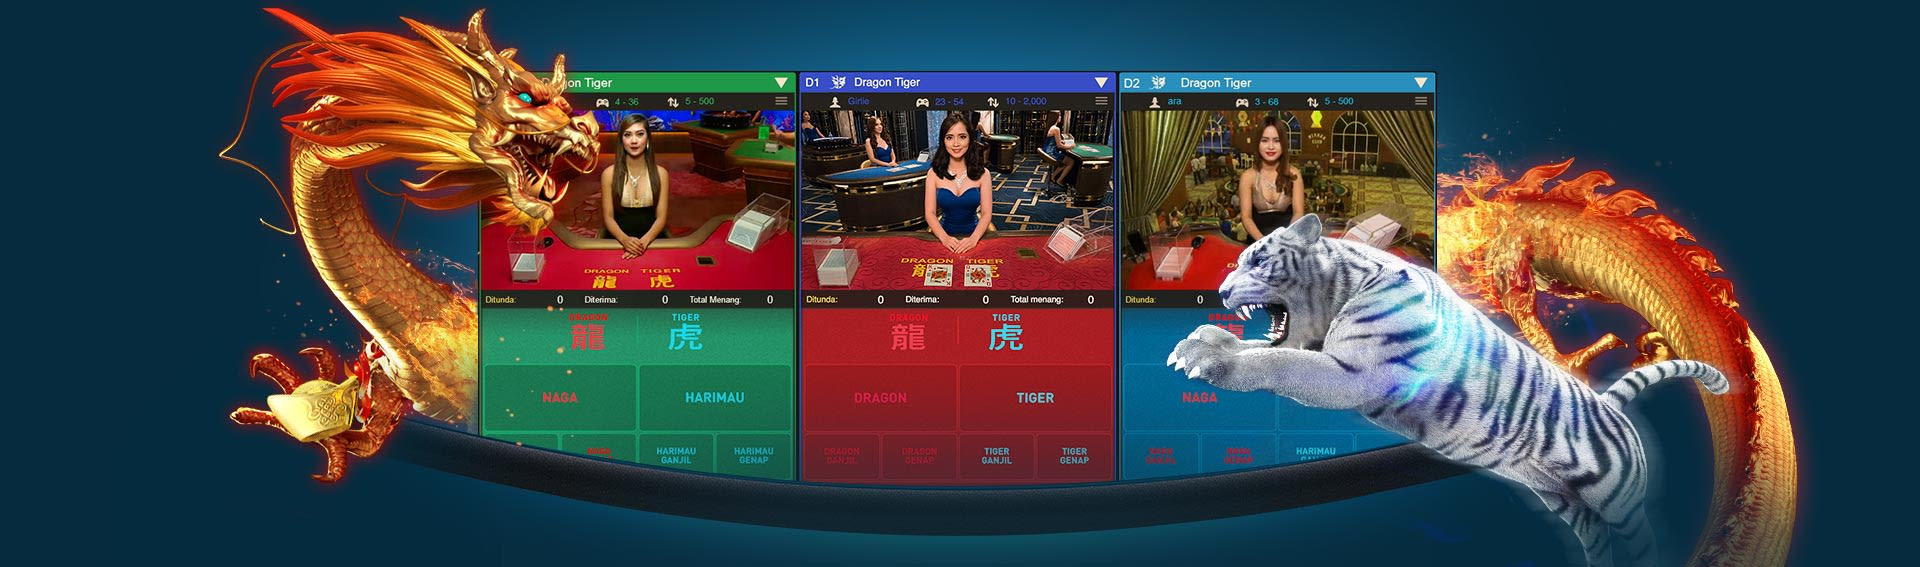 Game Judi Kasino Online Paling Populer Saat ini